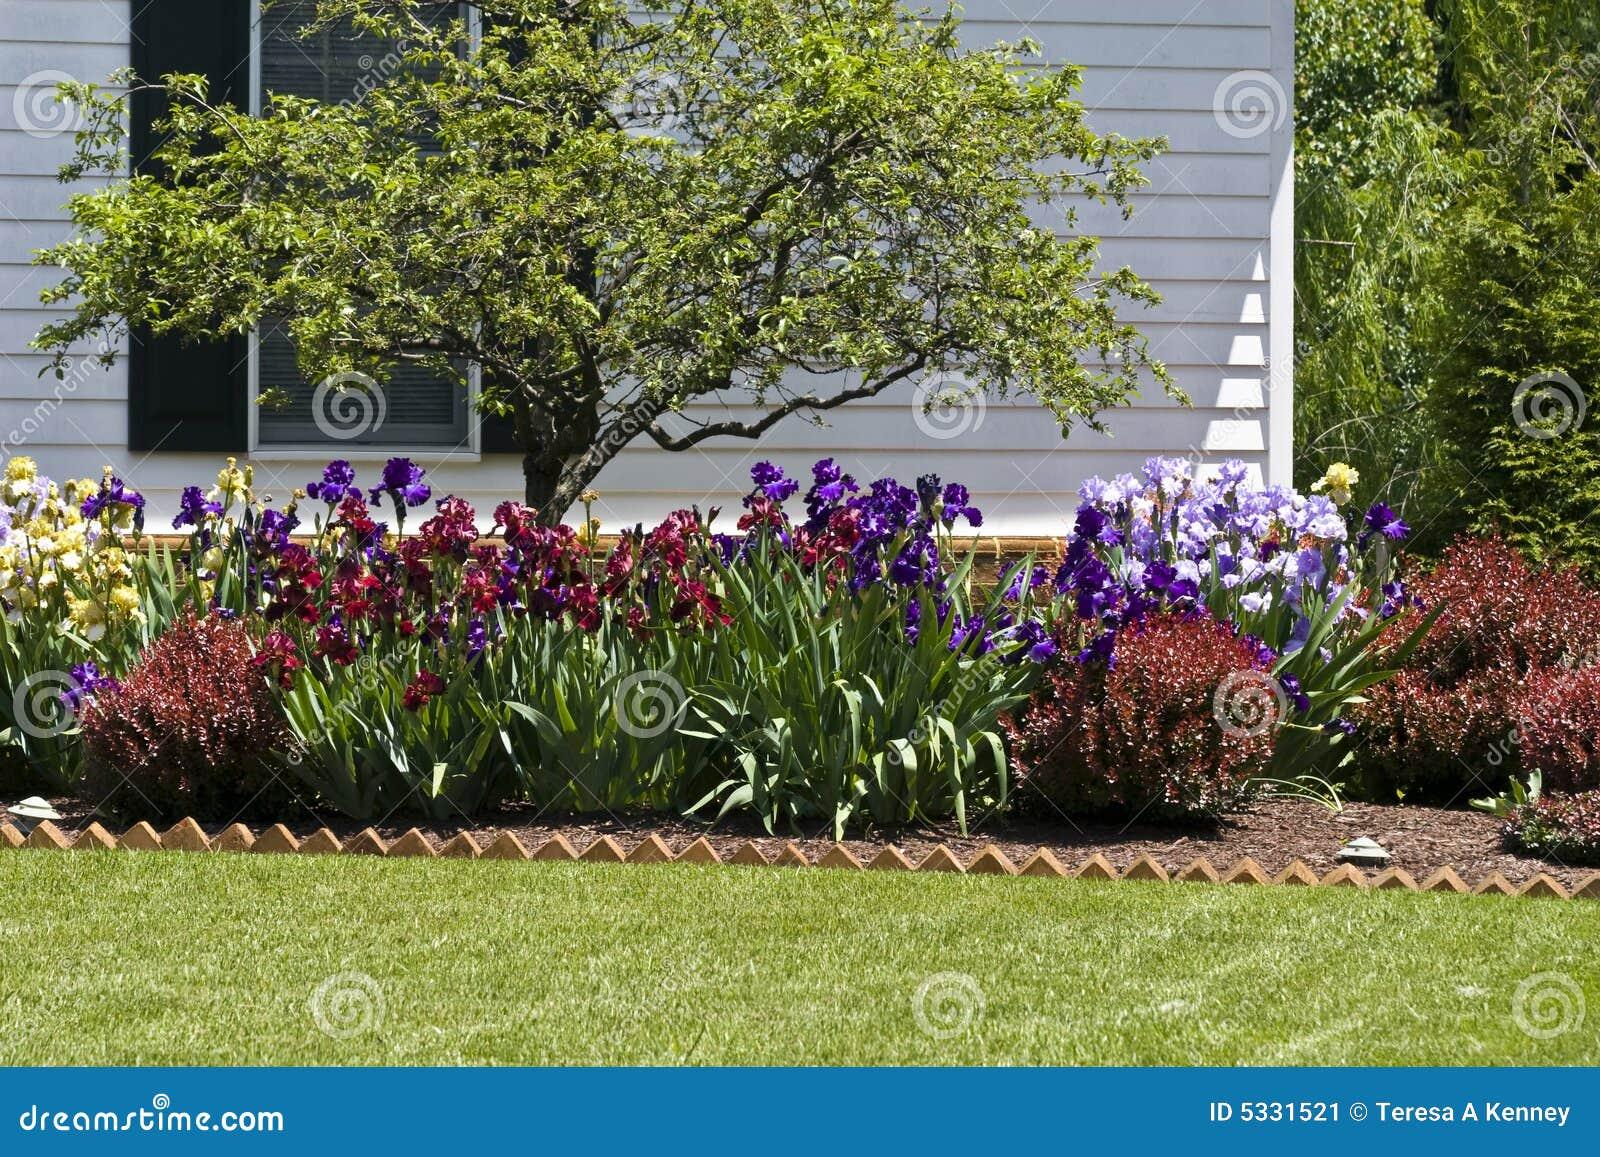 Jardim De Flor Residencial Imagem de Stock  Imagem 5331521